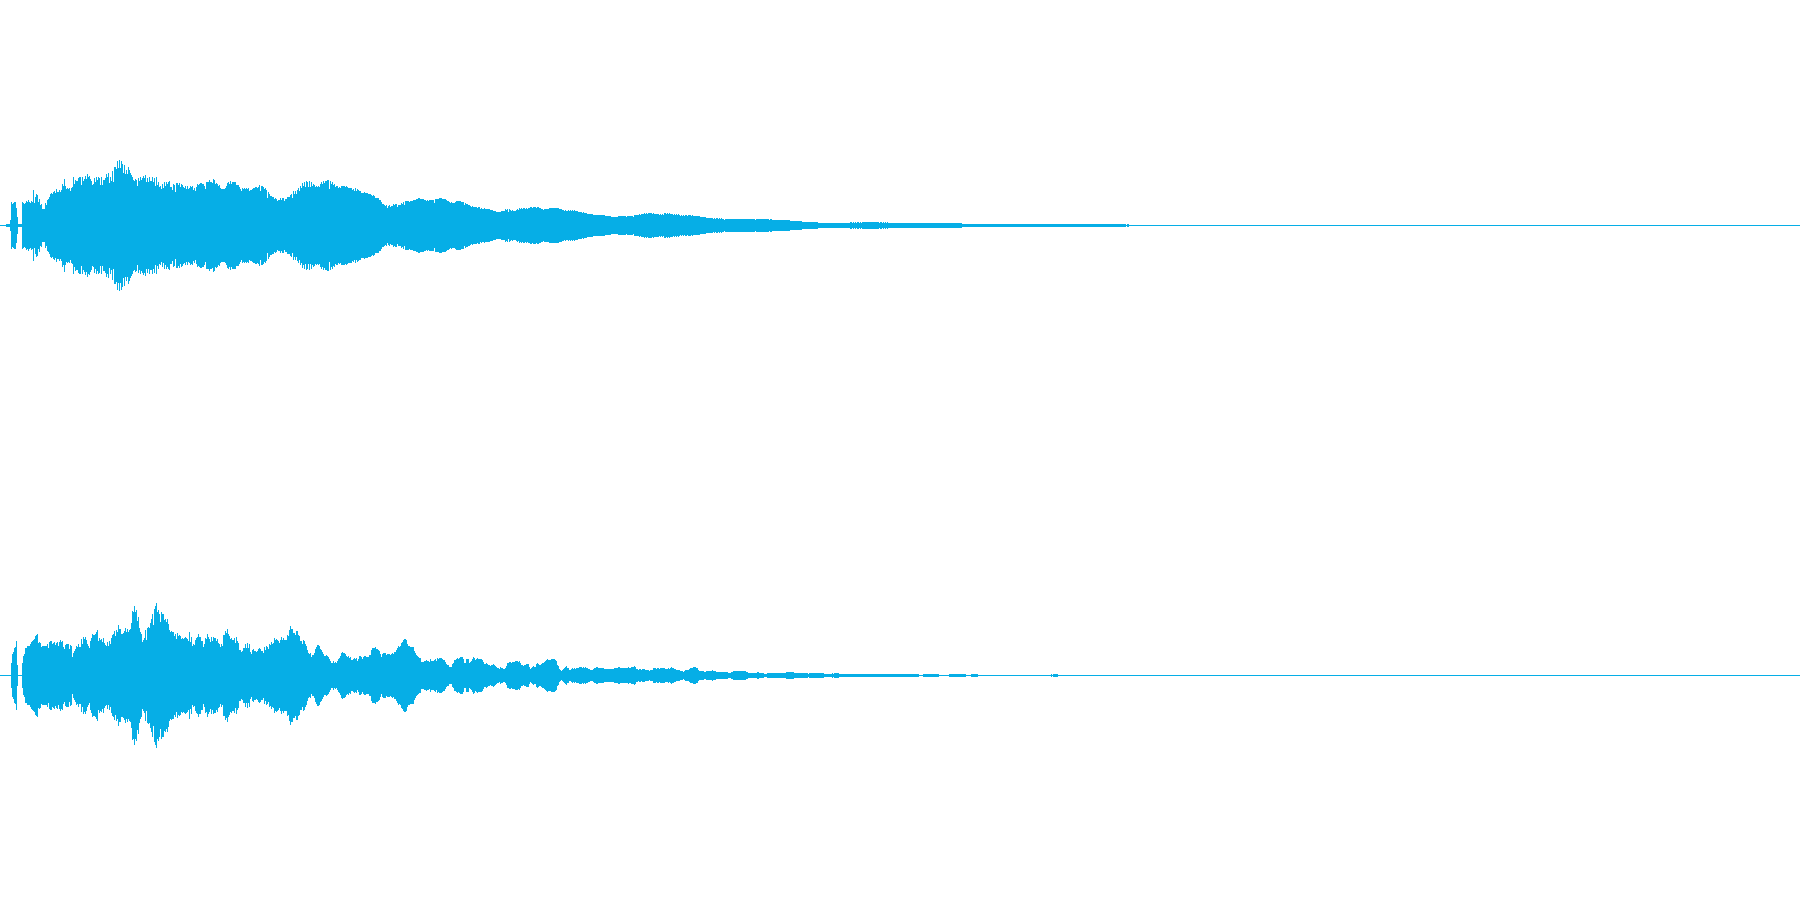 ポーン(ソナーみたいな音)の再生済みの波形